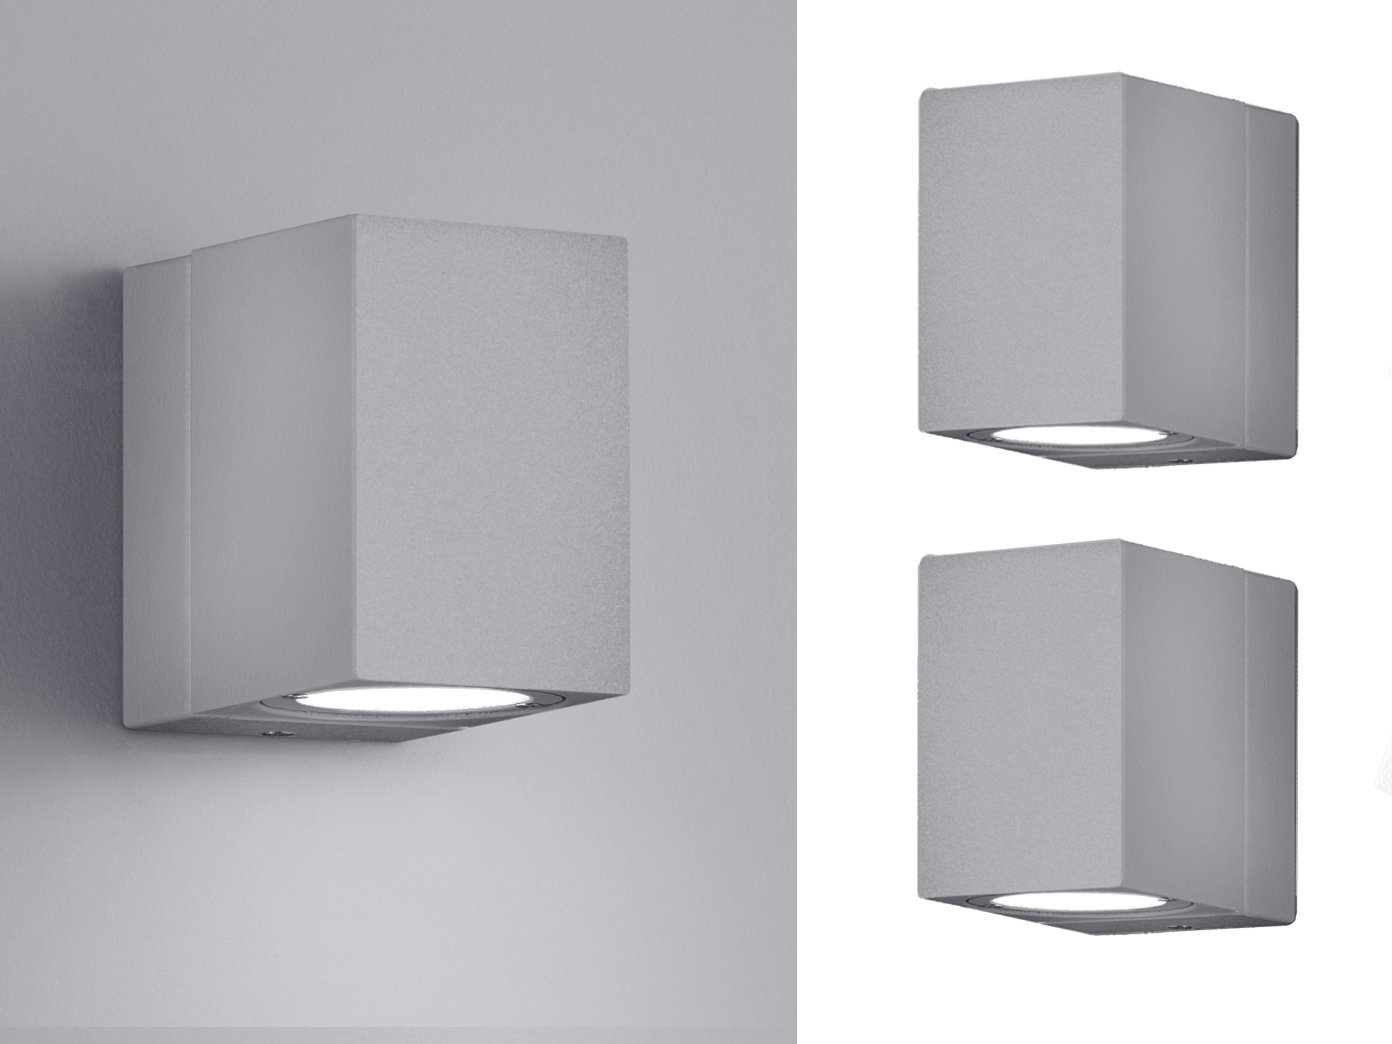 Led Außenwandleuchten Hell Grau Schwenkbar 2er Set Außenlampen Hausbeleuchtung